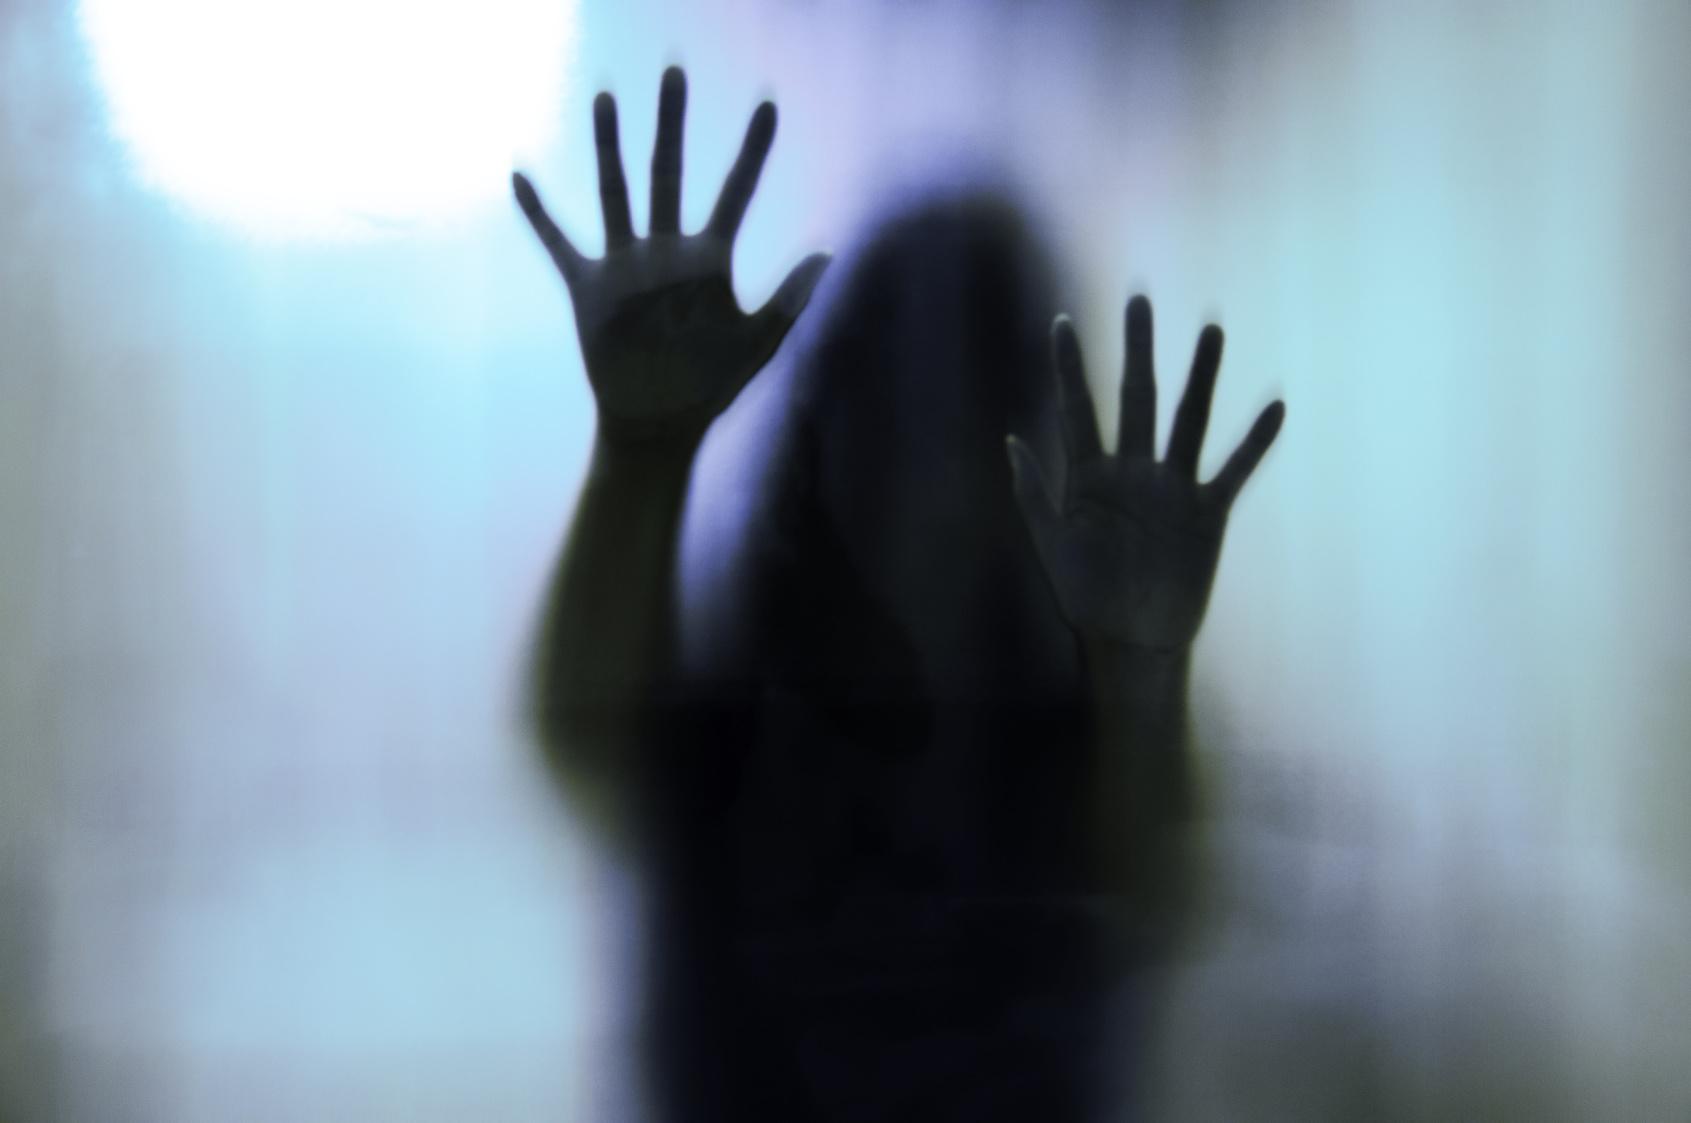 Vergewaltigung auf Damen-Toilette Angeklagter schweigt